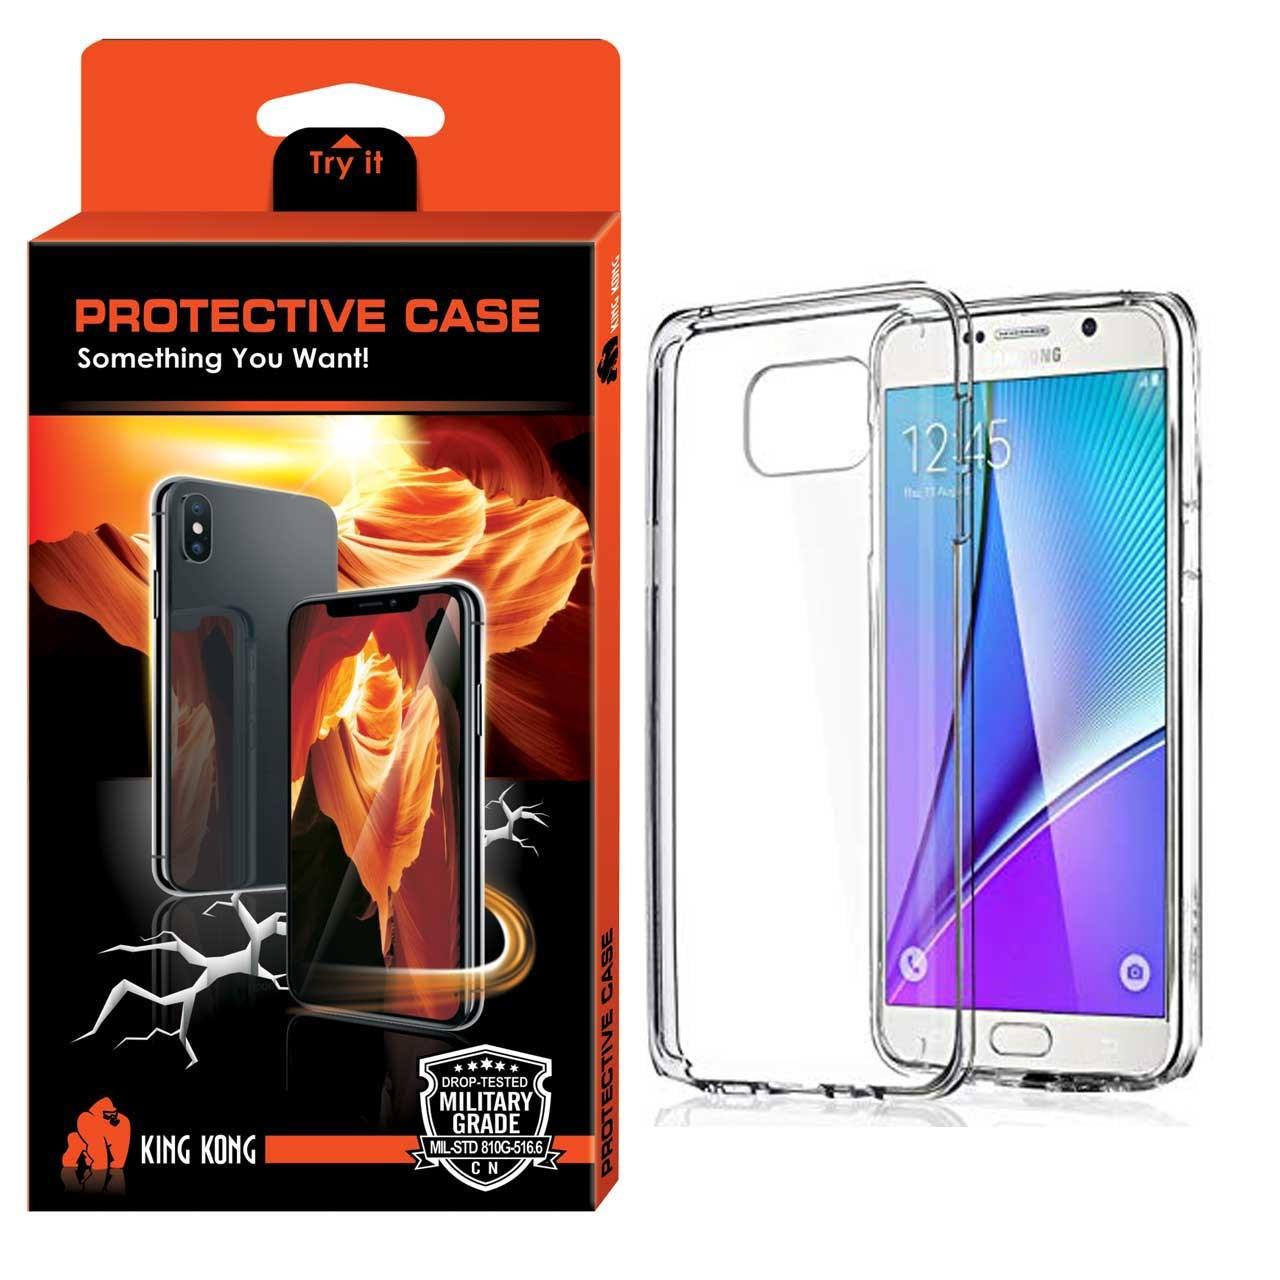 کاور کینگ کونگ مدل Protective TPU  مناسب برای گوشی سامسونگ گلکسی Note 5